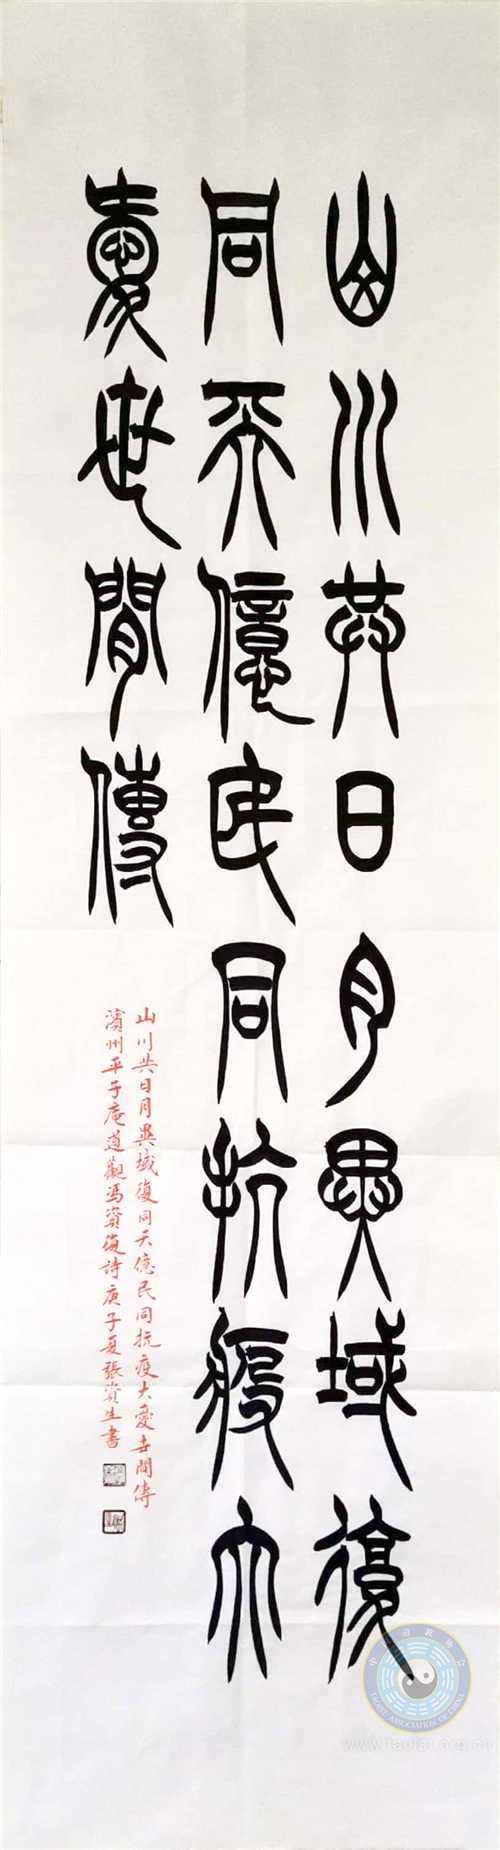 山川共日月诗句(作者:张资生道长)